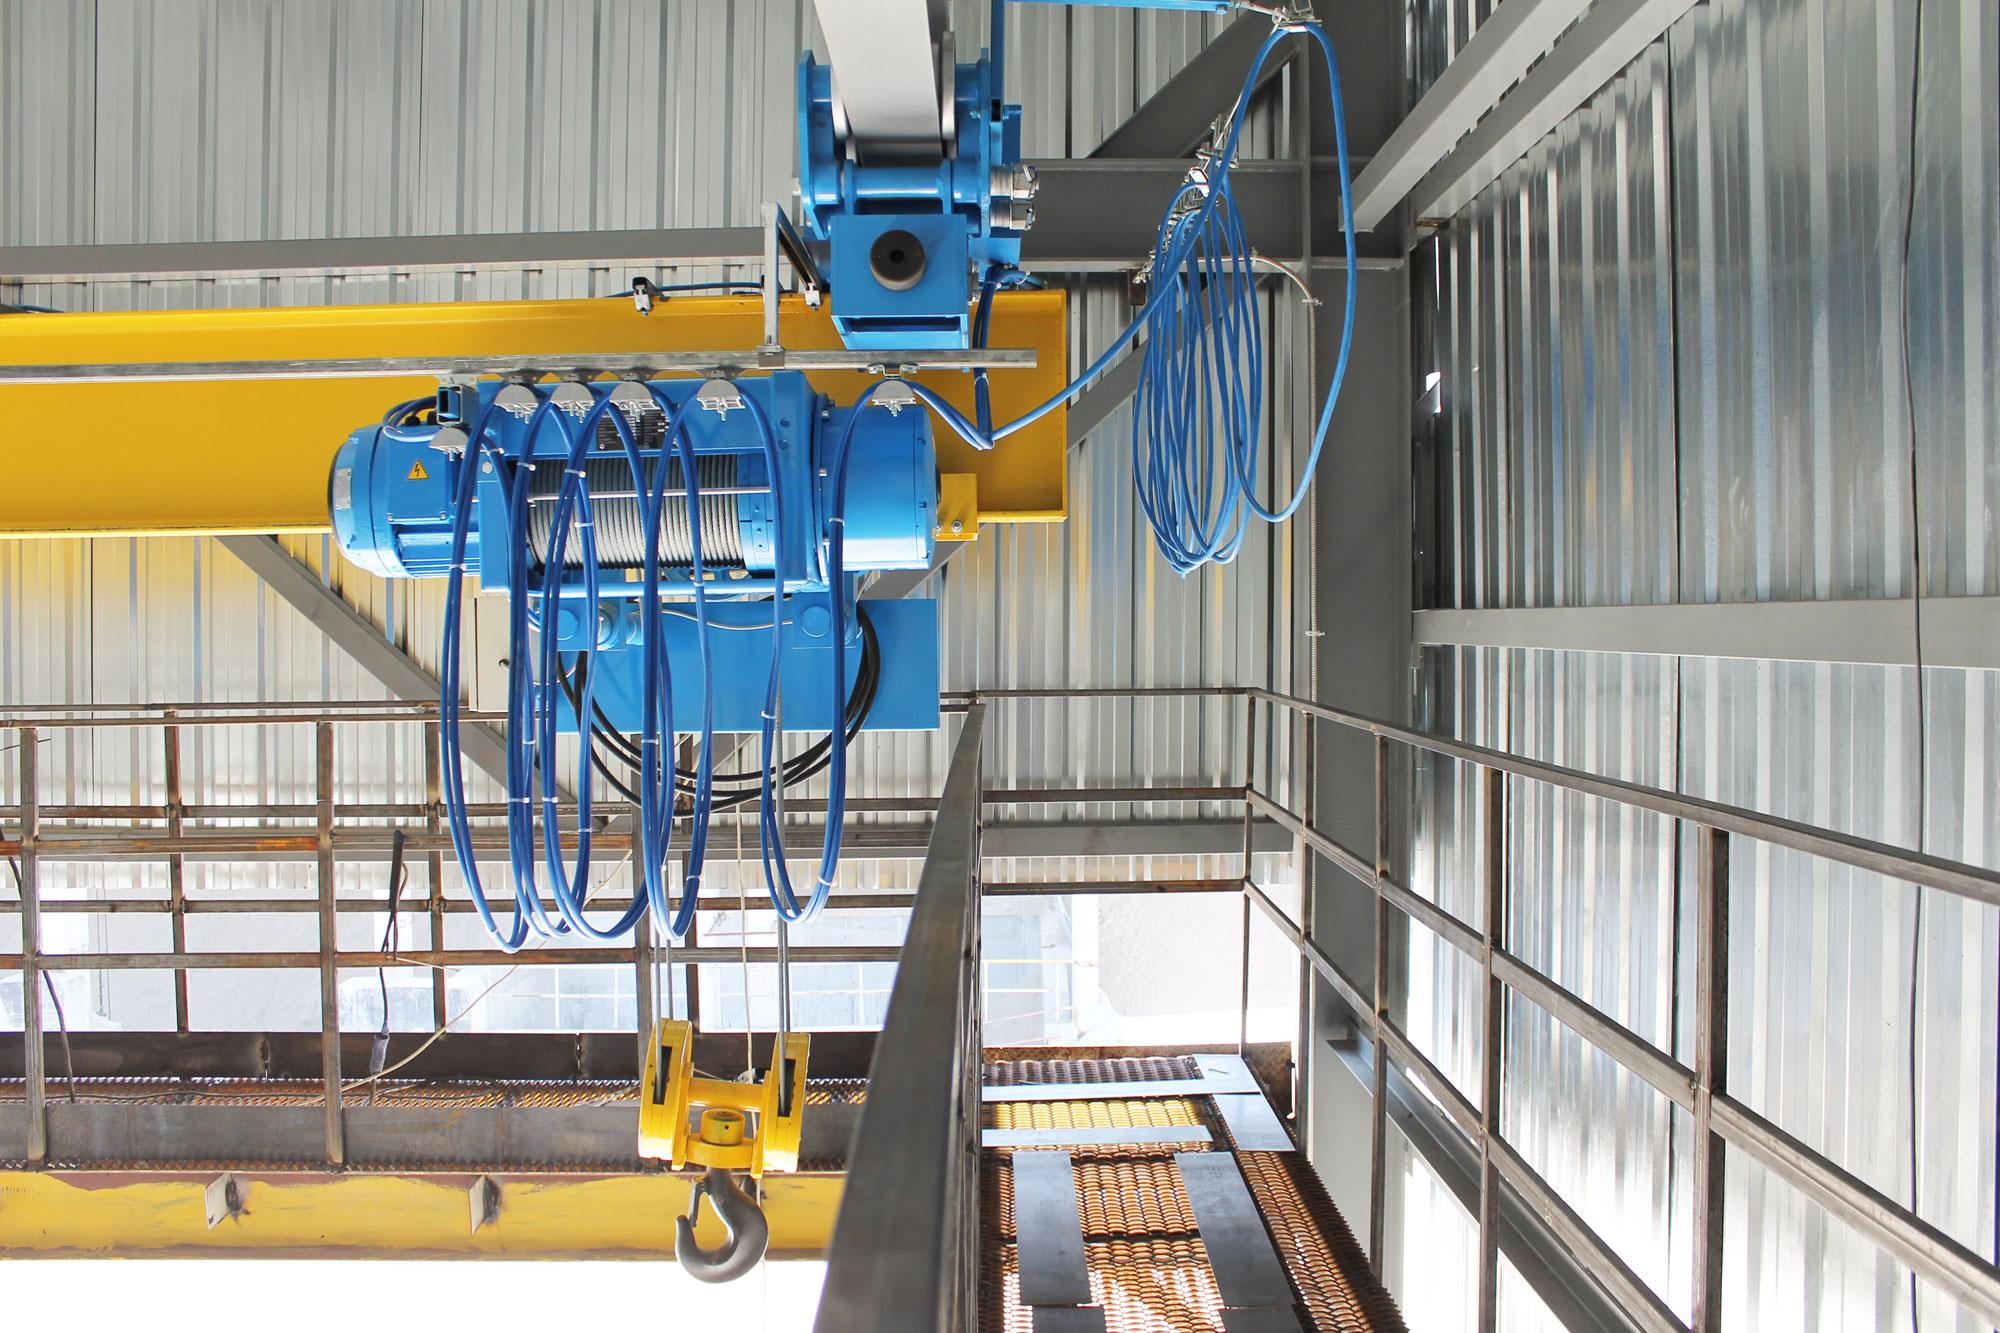 2-Кран подвесной однобалочный г-п 5,0 уменьшенной строительной высоты